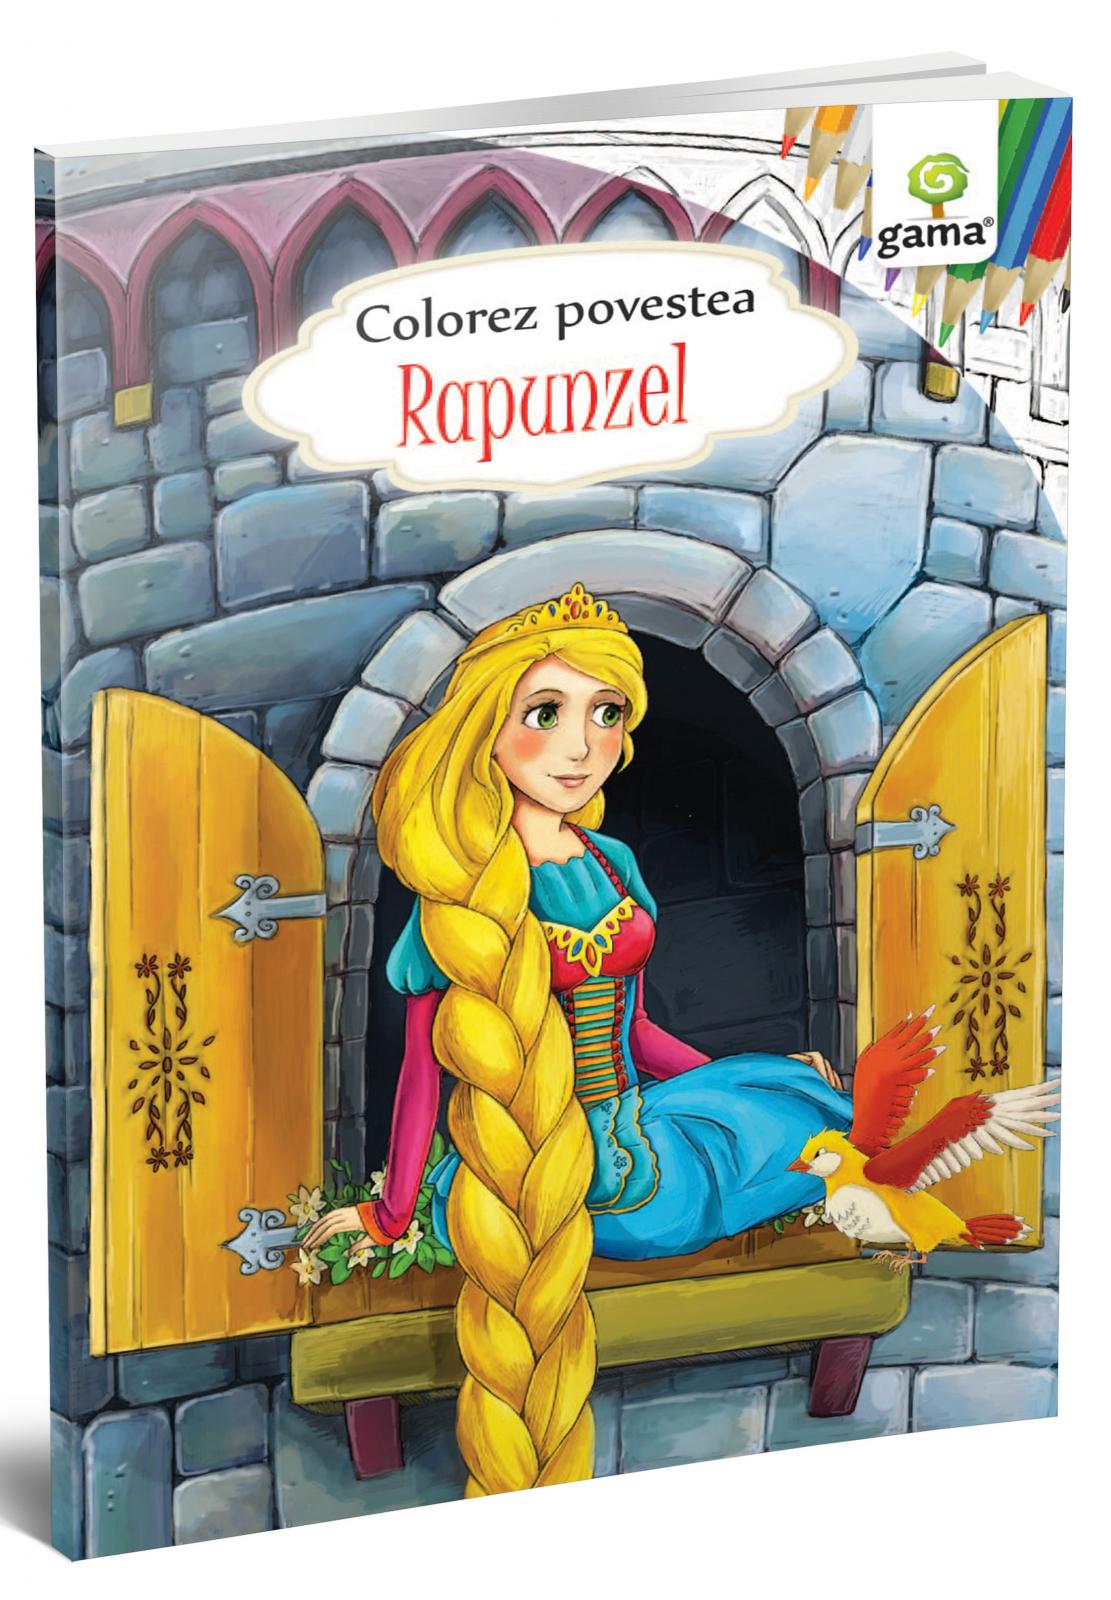 Colorez povestea Rapunzel